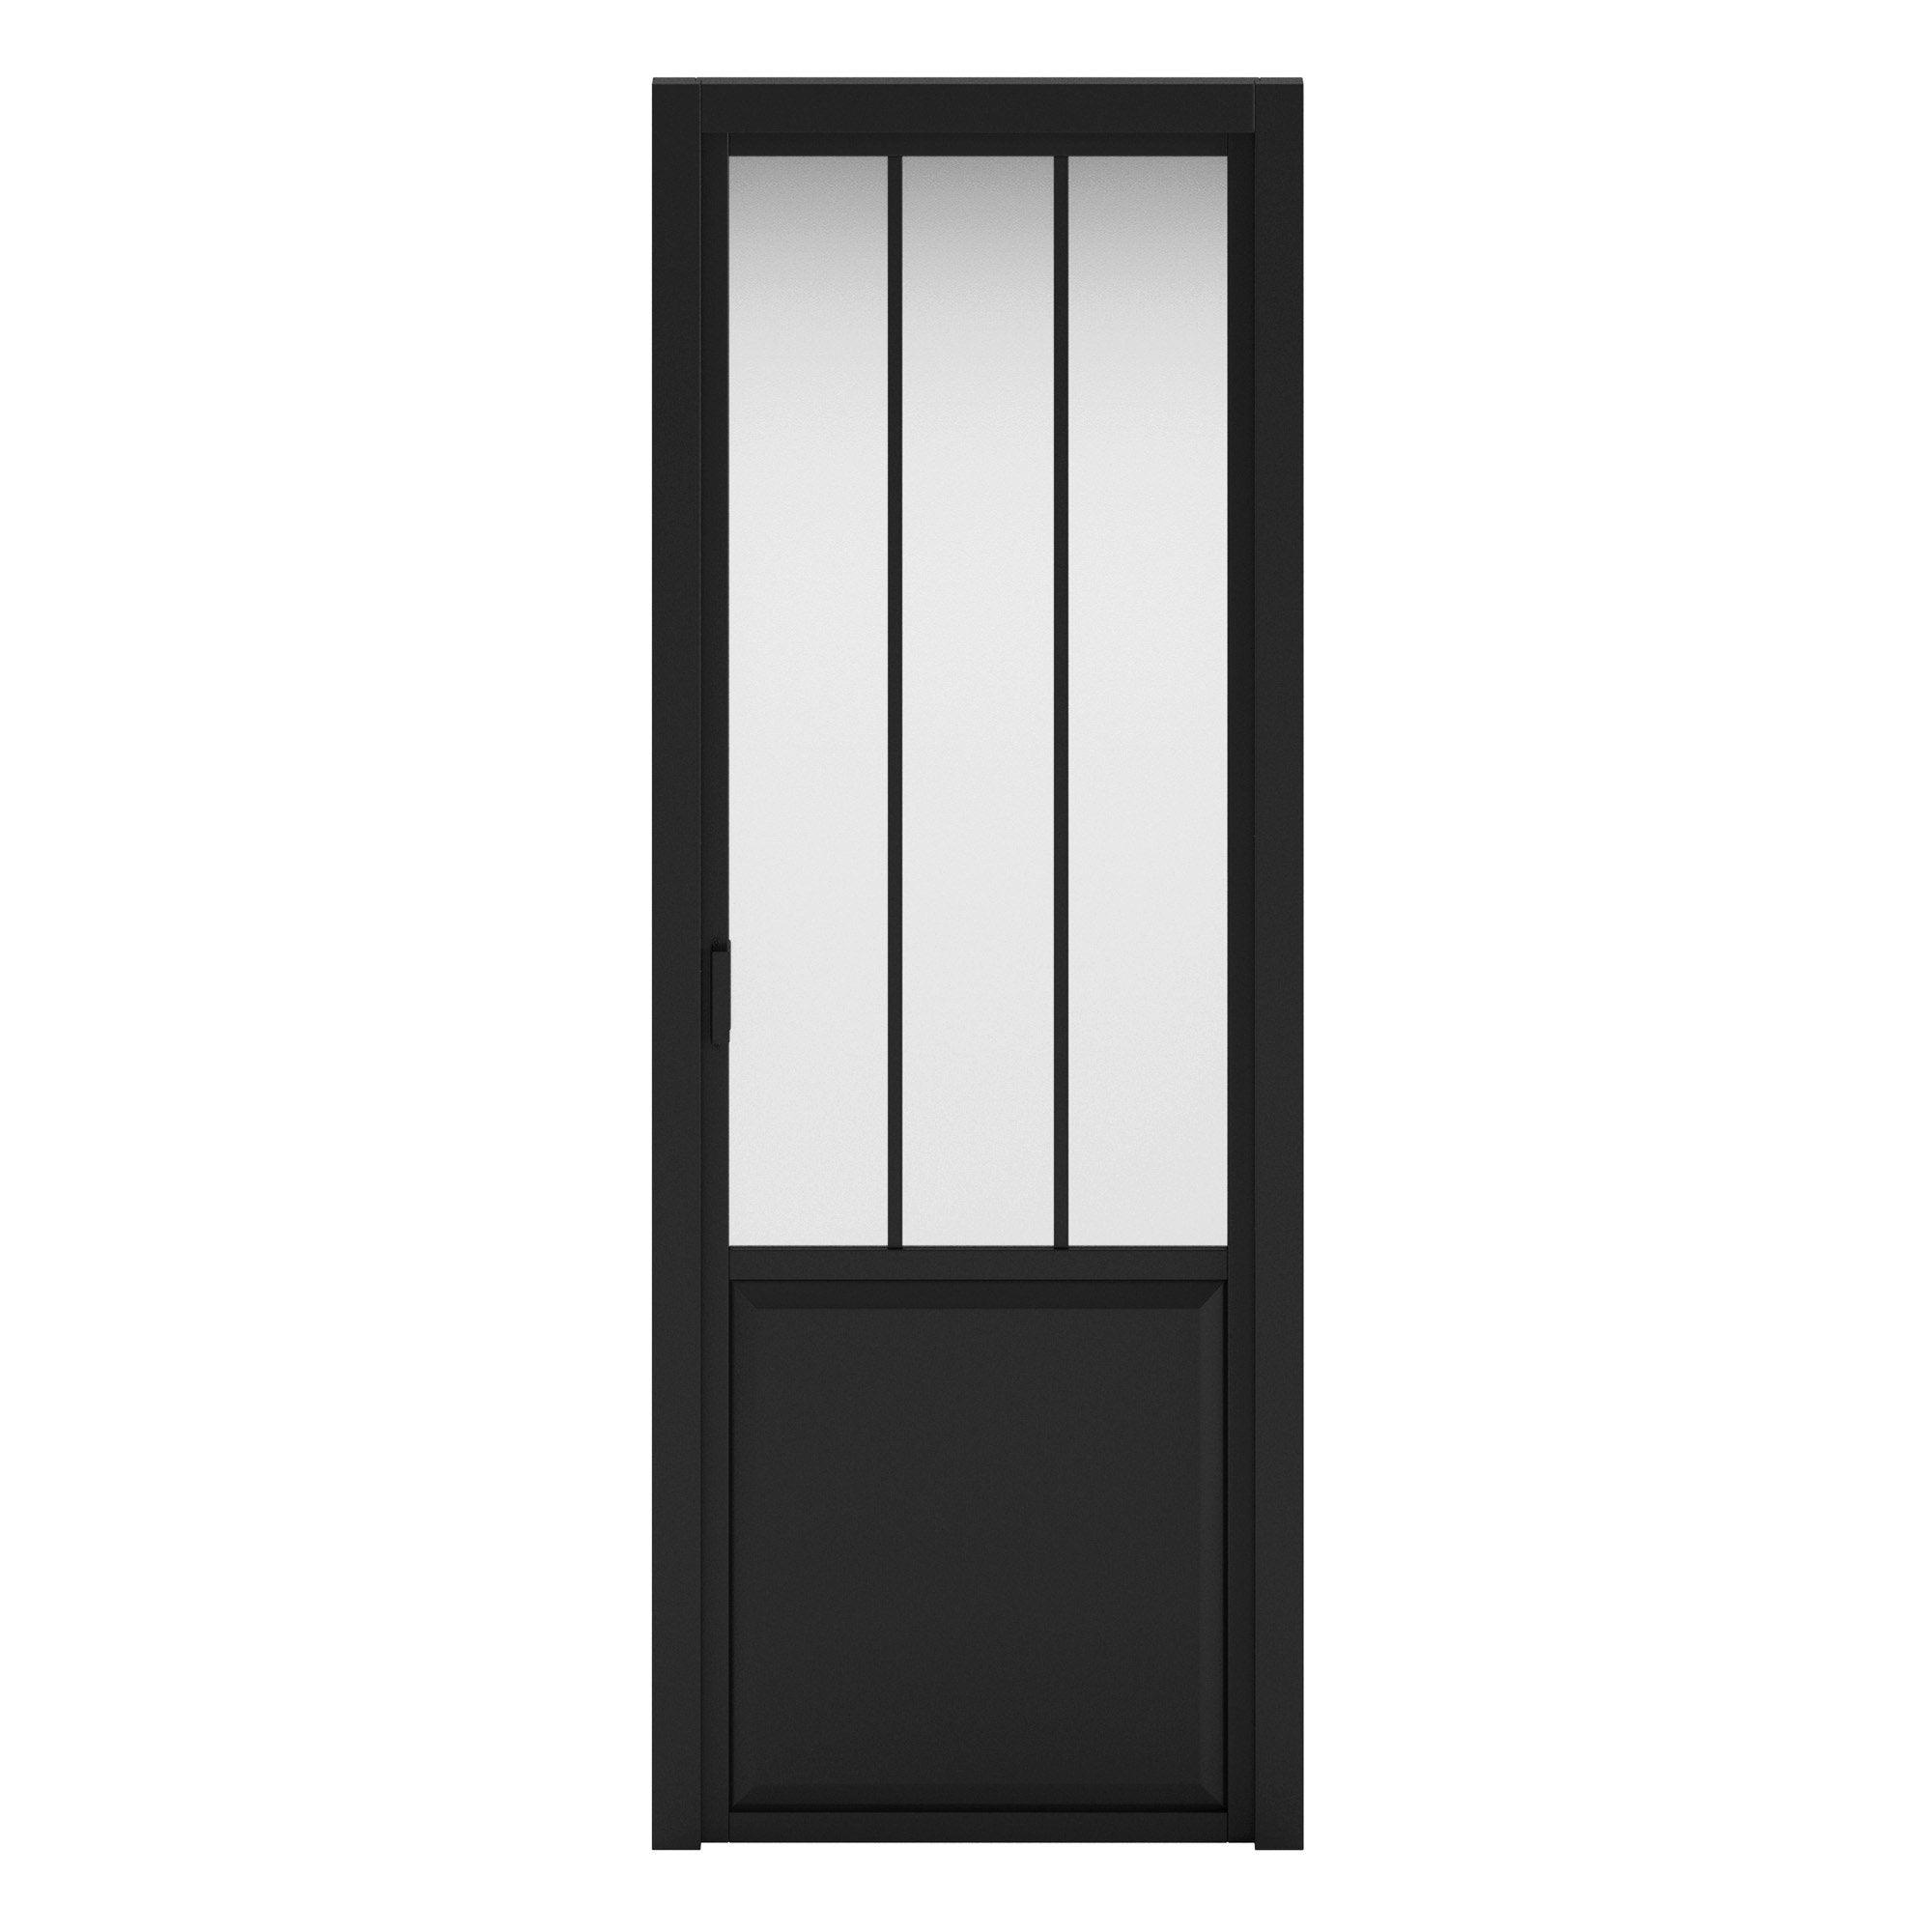 Bloc-porte Atelier Noir verre clair XXL, ARTENS, H.220 x l.73 cm poussant droit